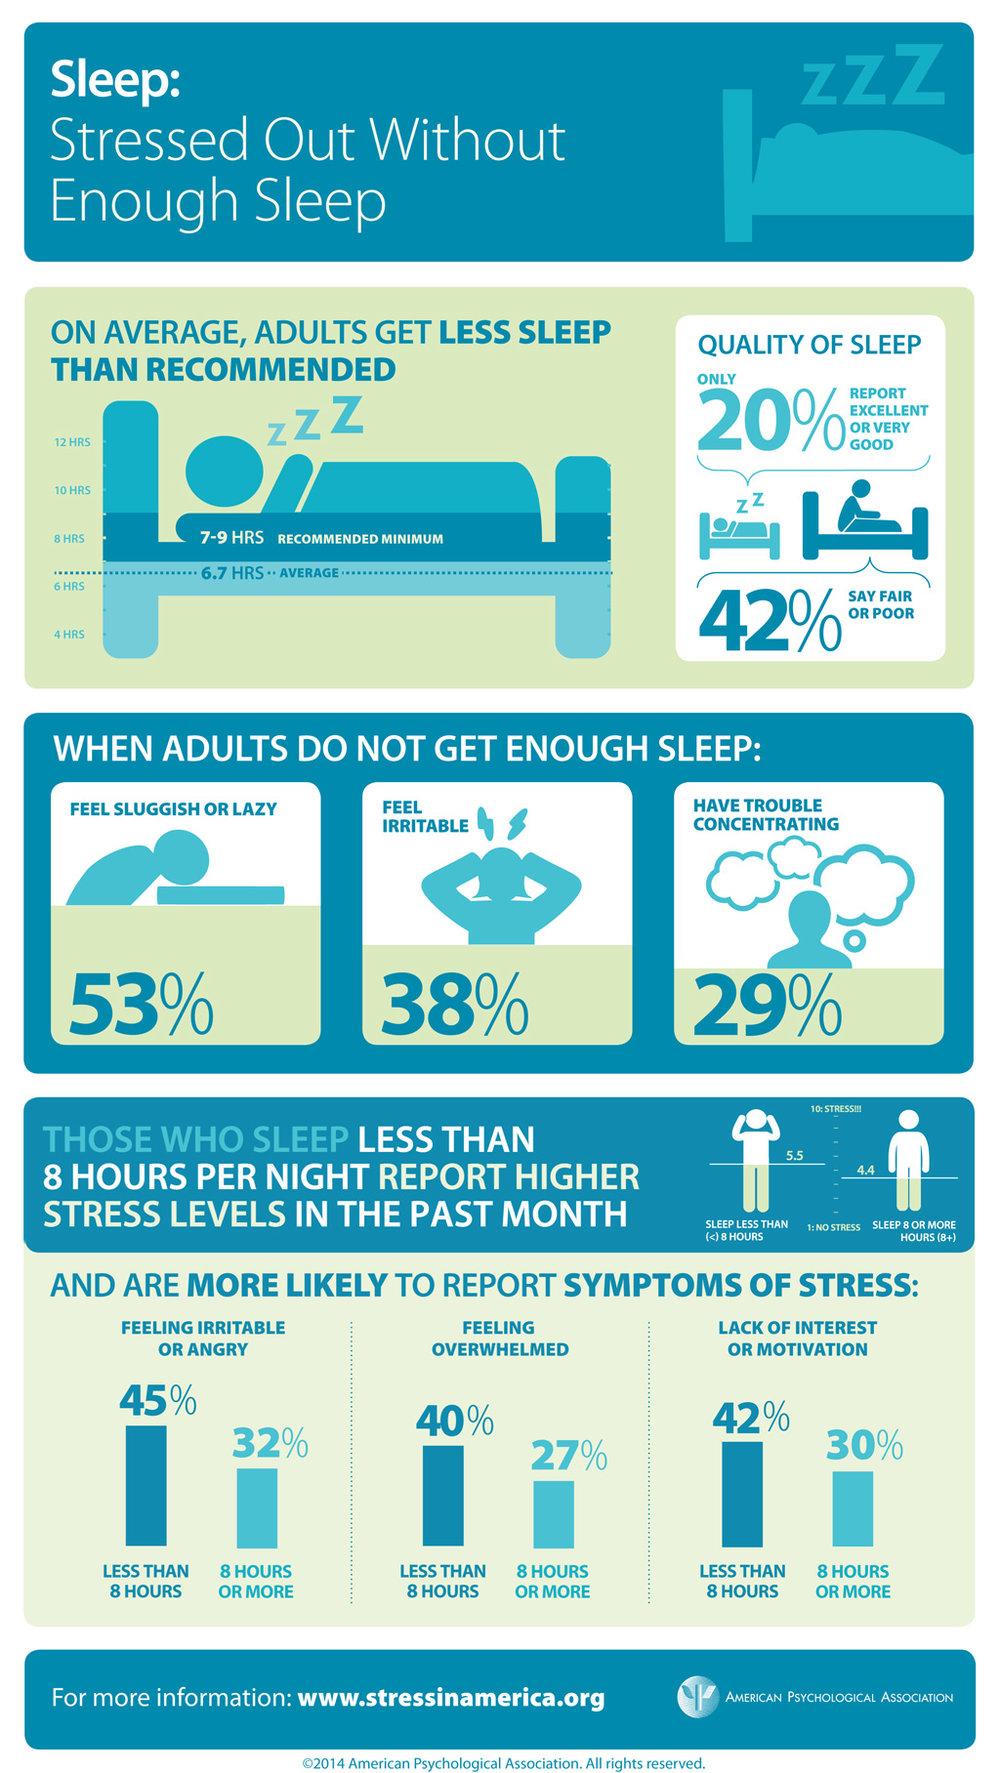 stress-relief-activities